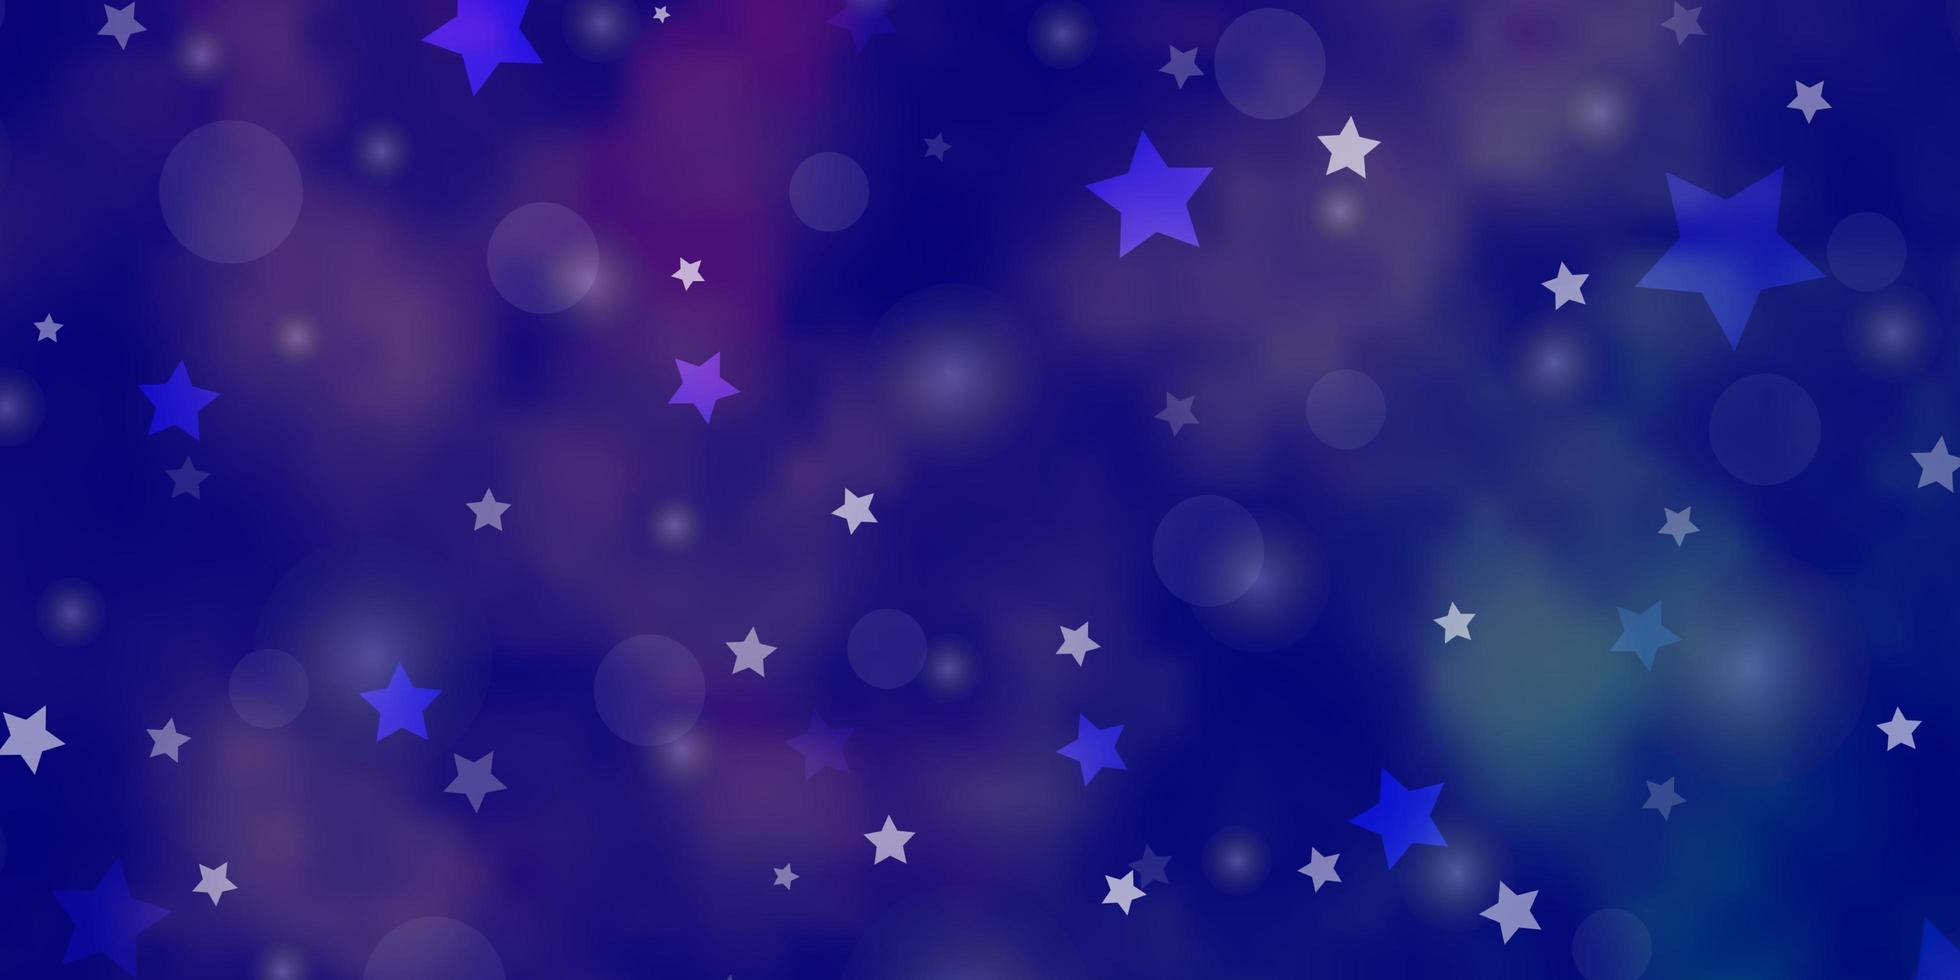 sfondo vettoriale viola chiaro con cerchi, stelle.